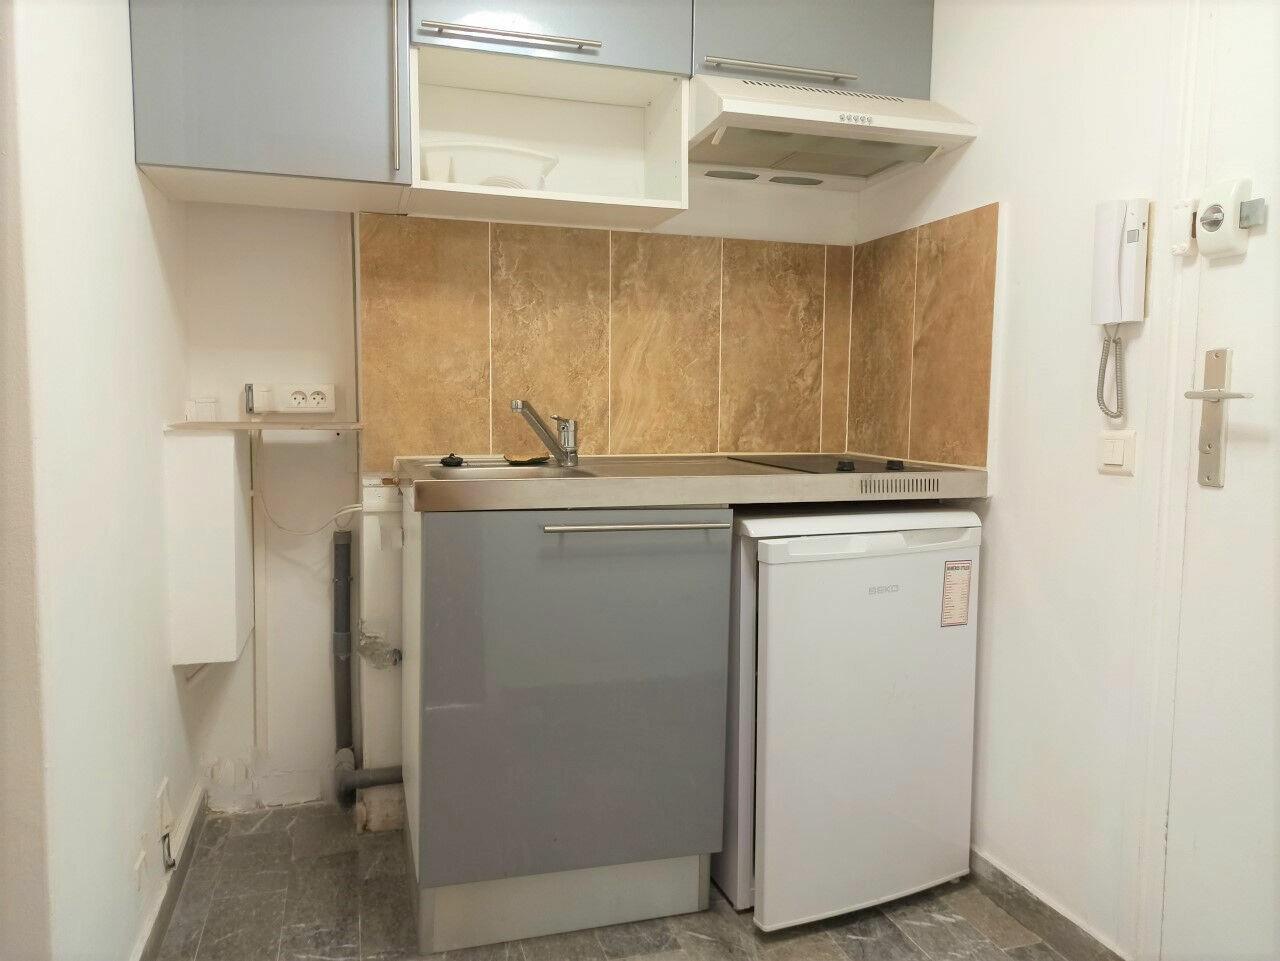 Appartement à vendre 1 21.6m2 à Saint-Laurent-du-Var vignette-3